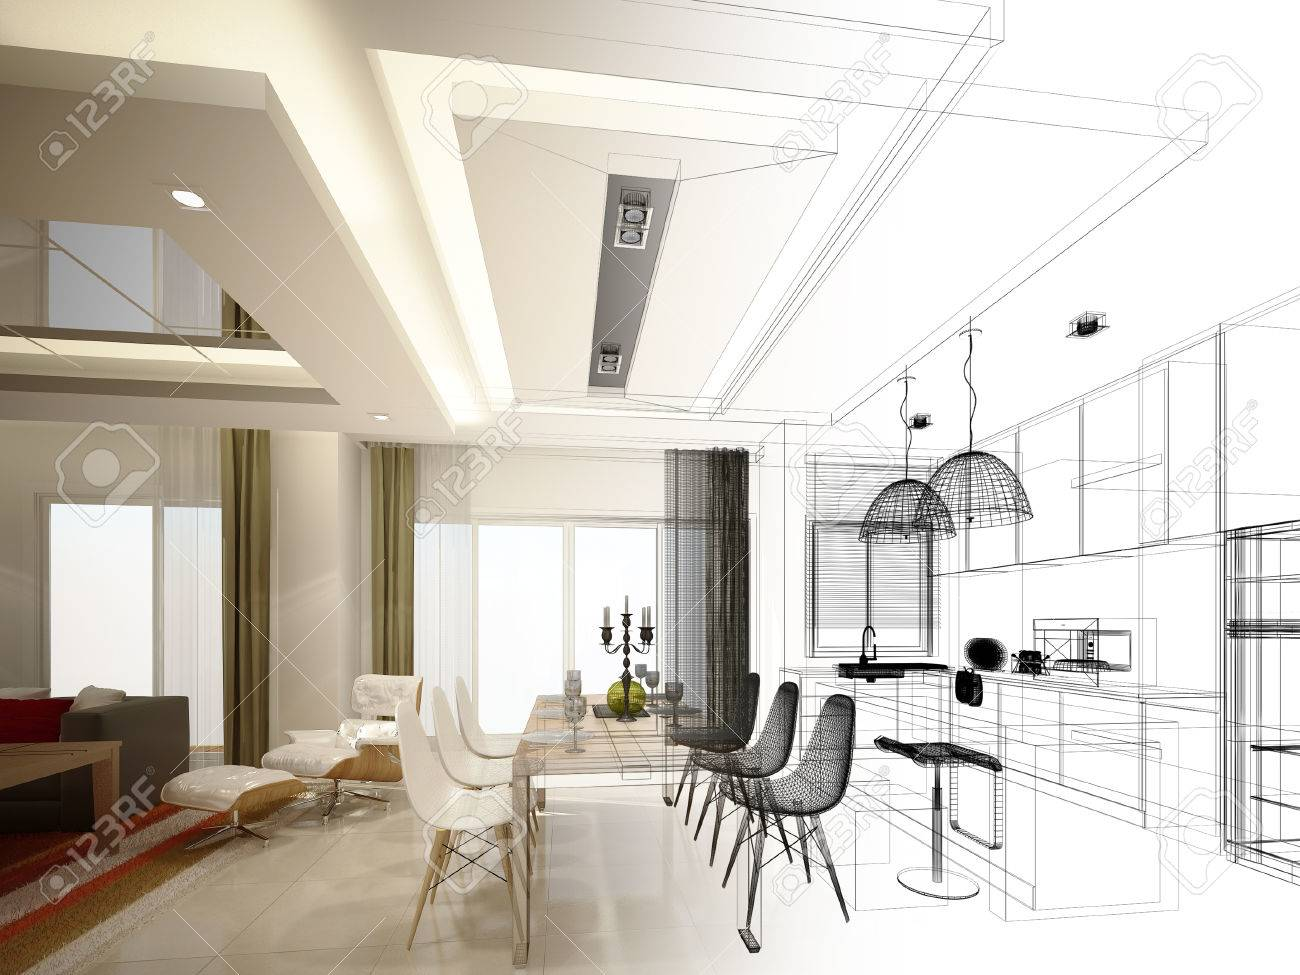 Diseño De Dibujo Abstracto De Entre Comedor Y Cocina, 3d Fotos ...